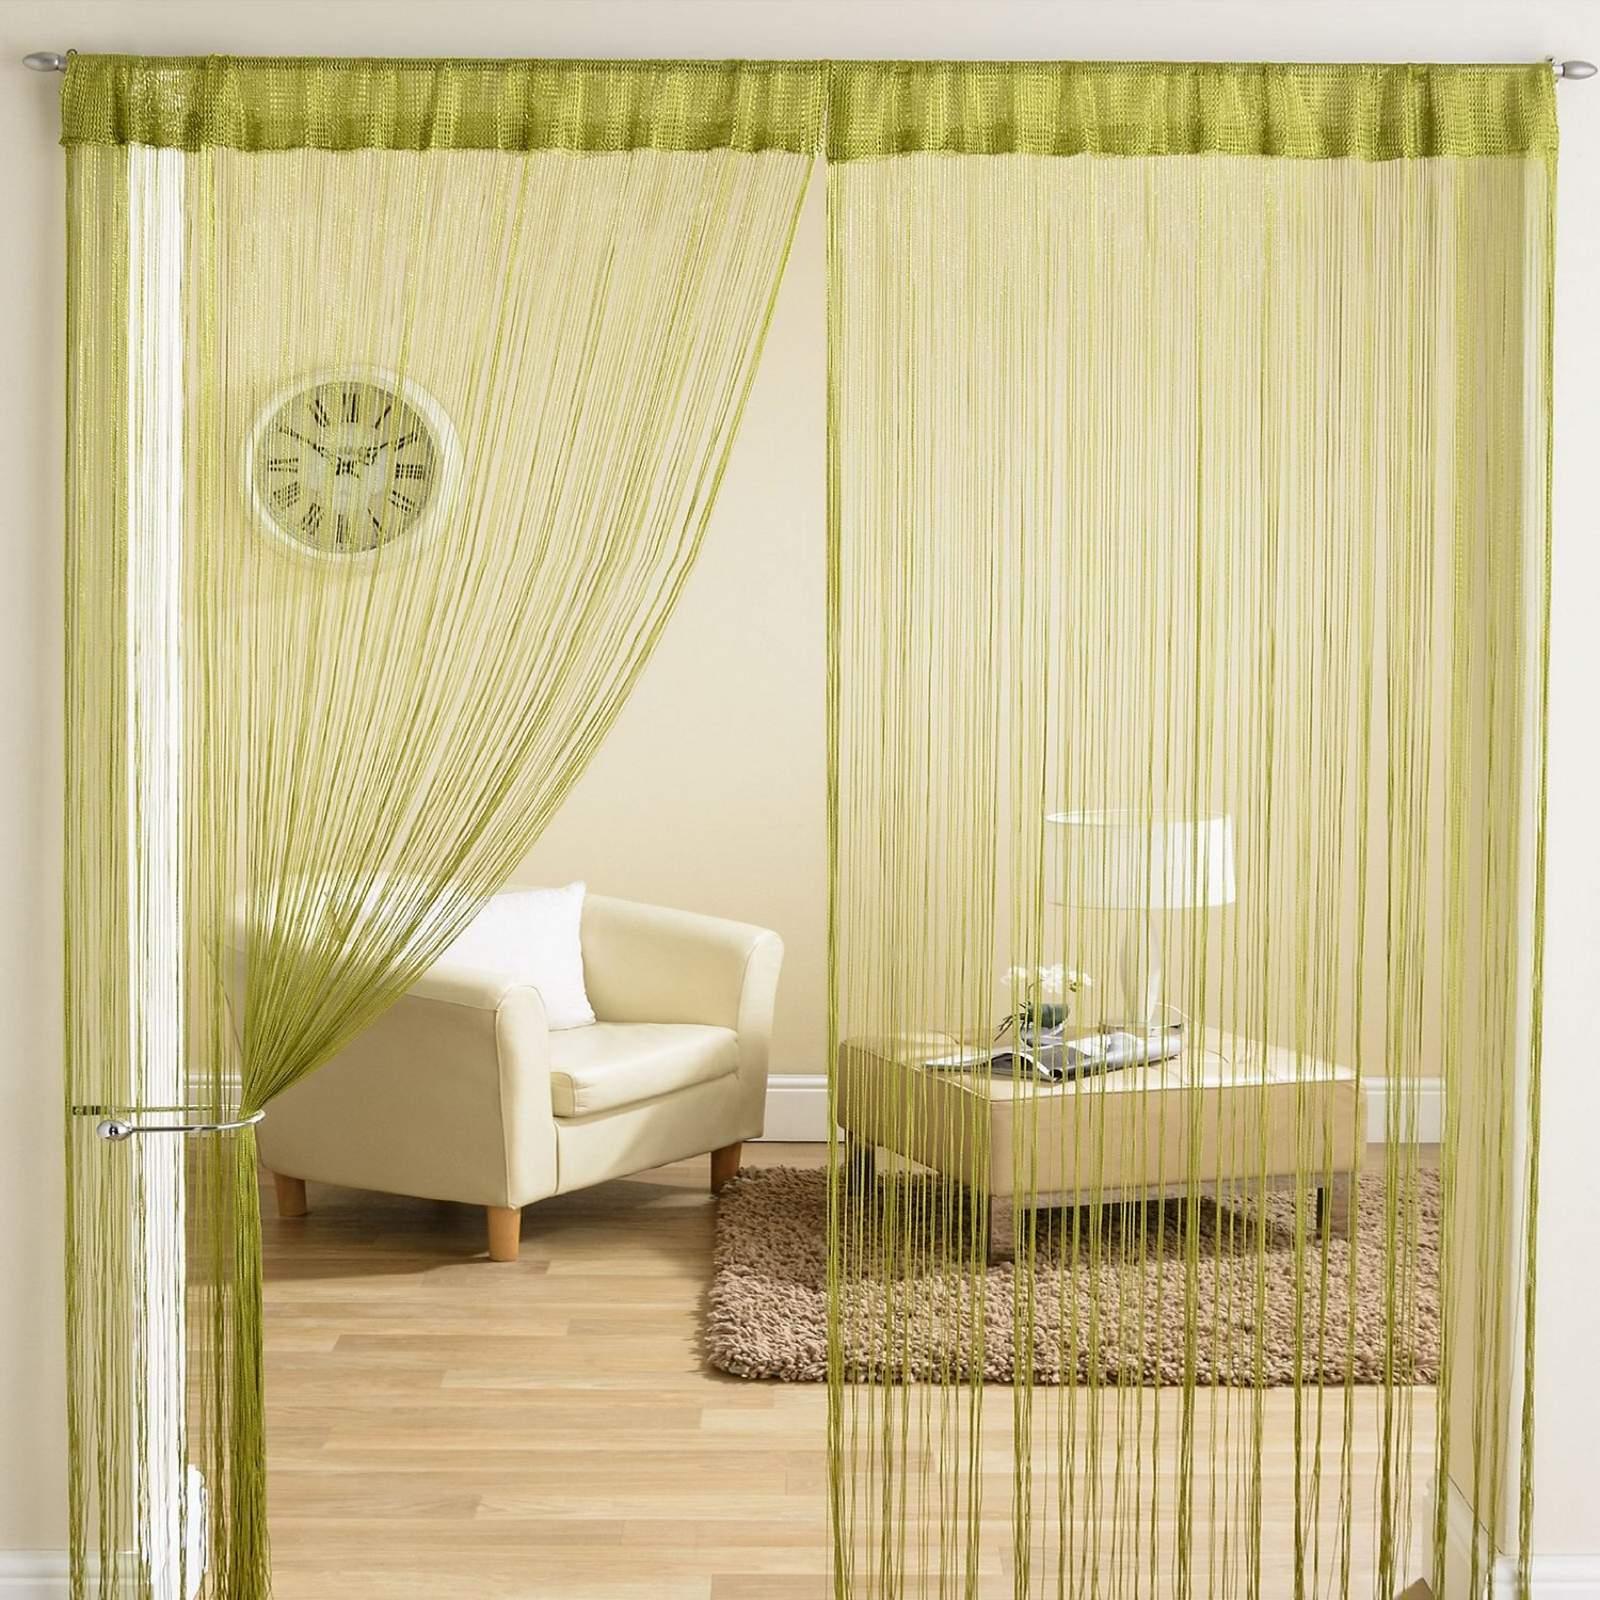 classique fil tassle frange panneau diviseur fen tre rideau de porte 90x200cm ebay. Black Bedroom Furniture Sets. Home Design Ideas